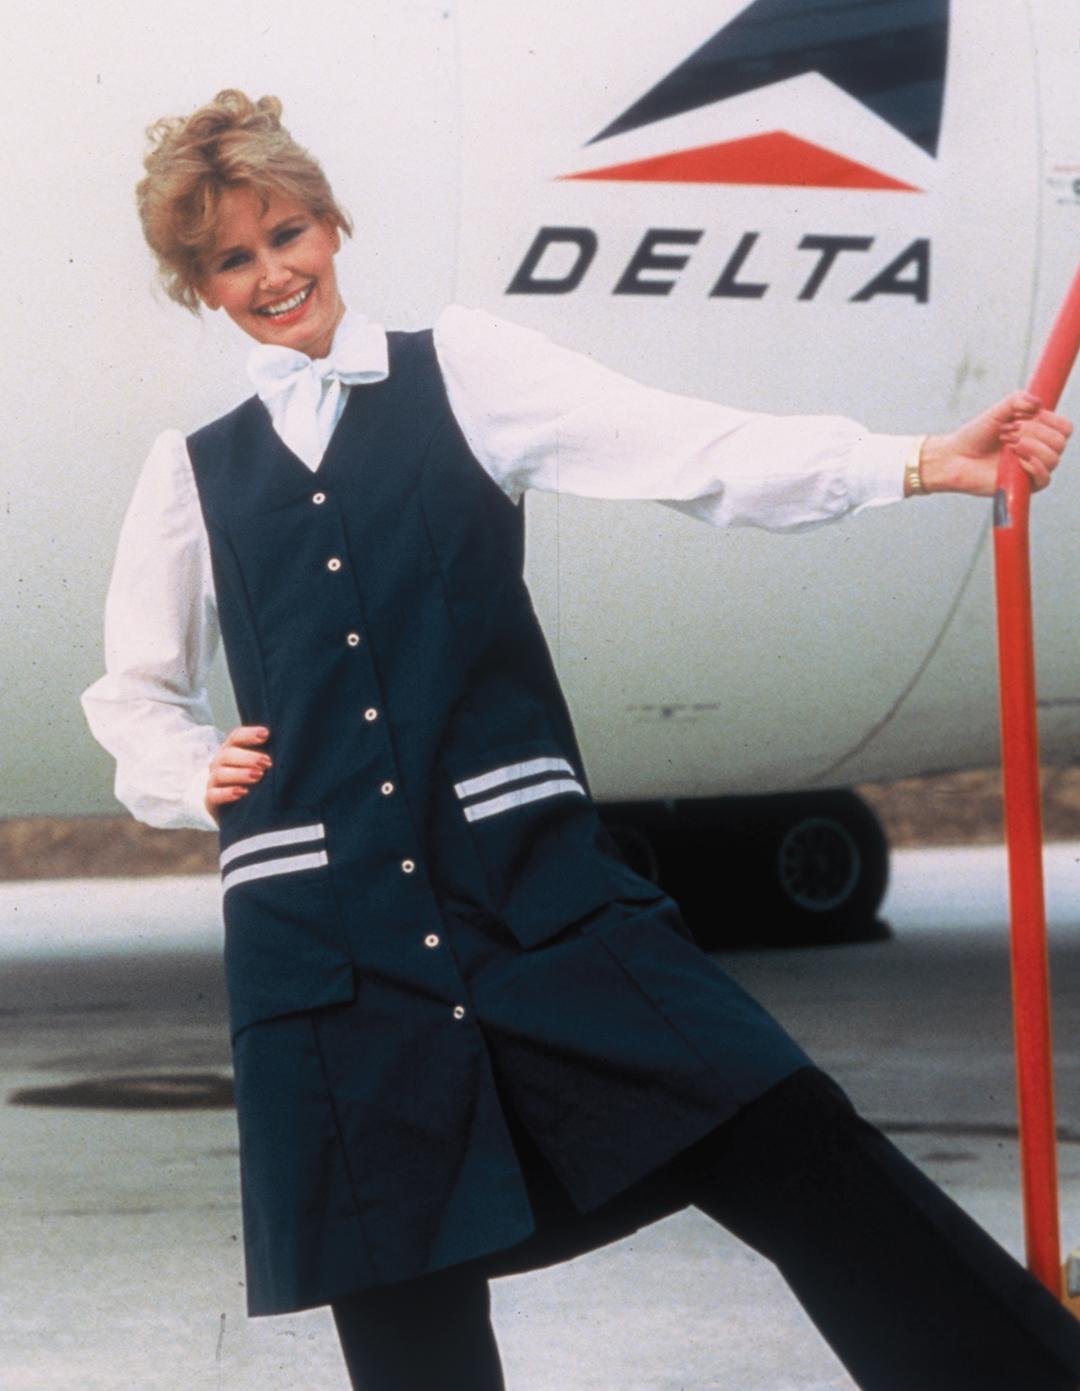 Delta Uniforms